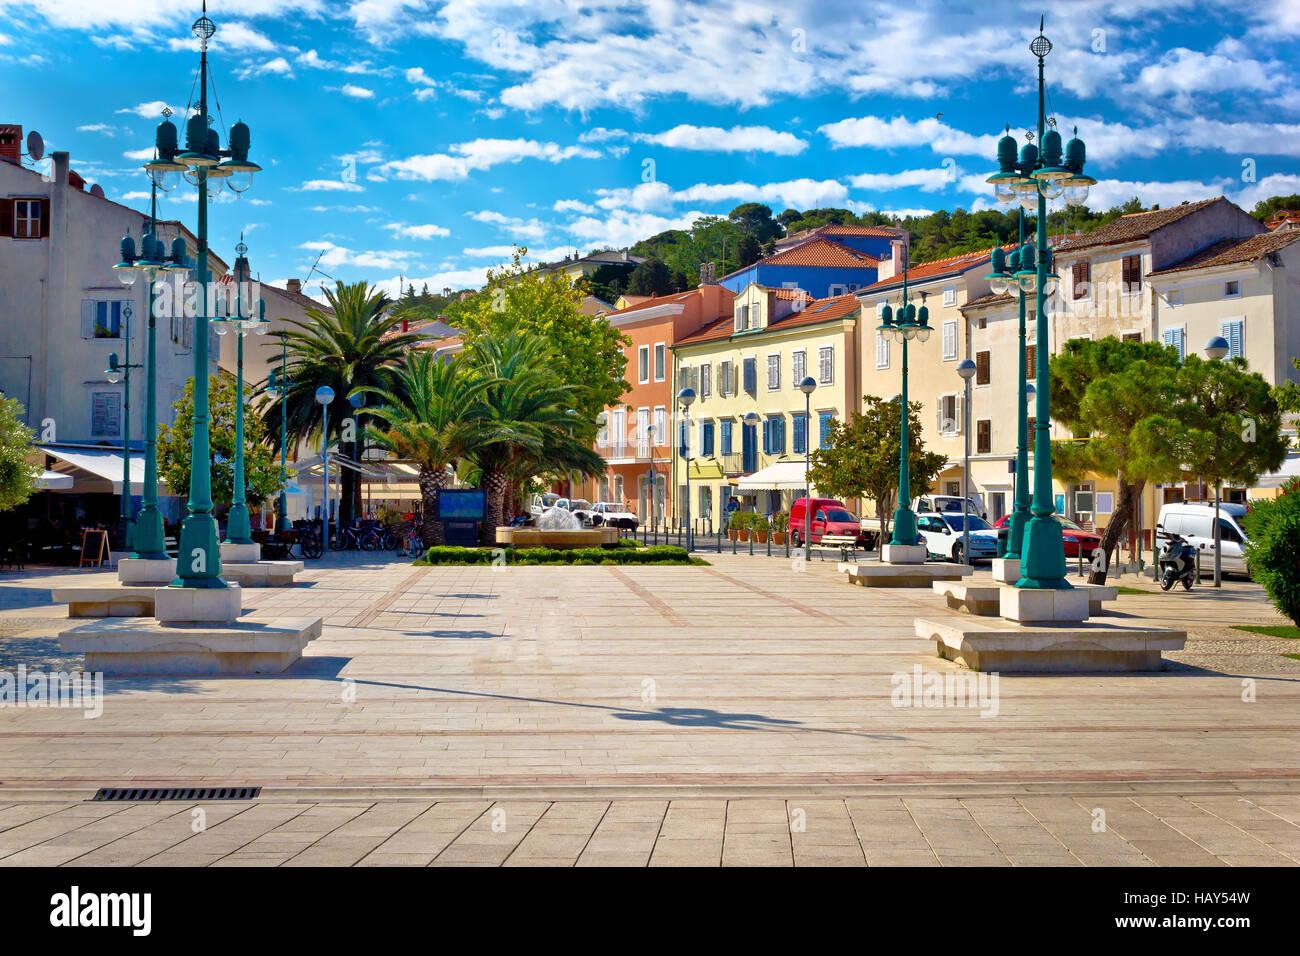 Mali Losinj square colorful architecture, Dalmatia, Croatia Stock Photo